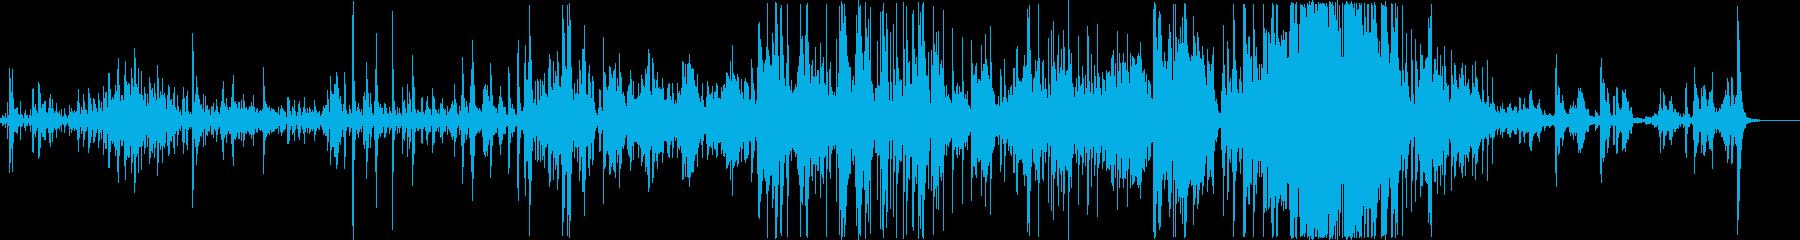 エスニック。即興ドラム、サックス、...の再生済みの波形